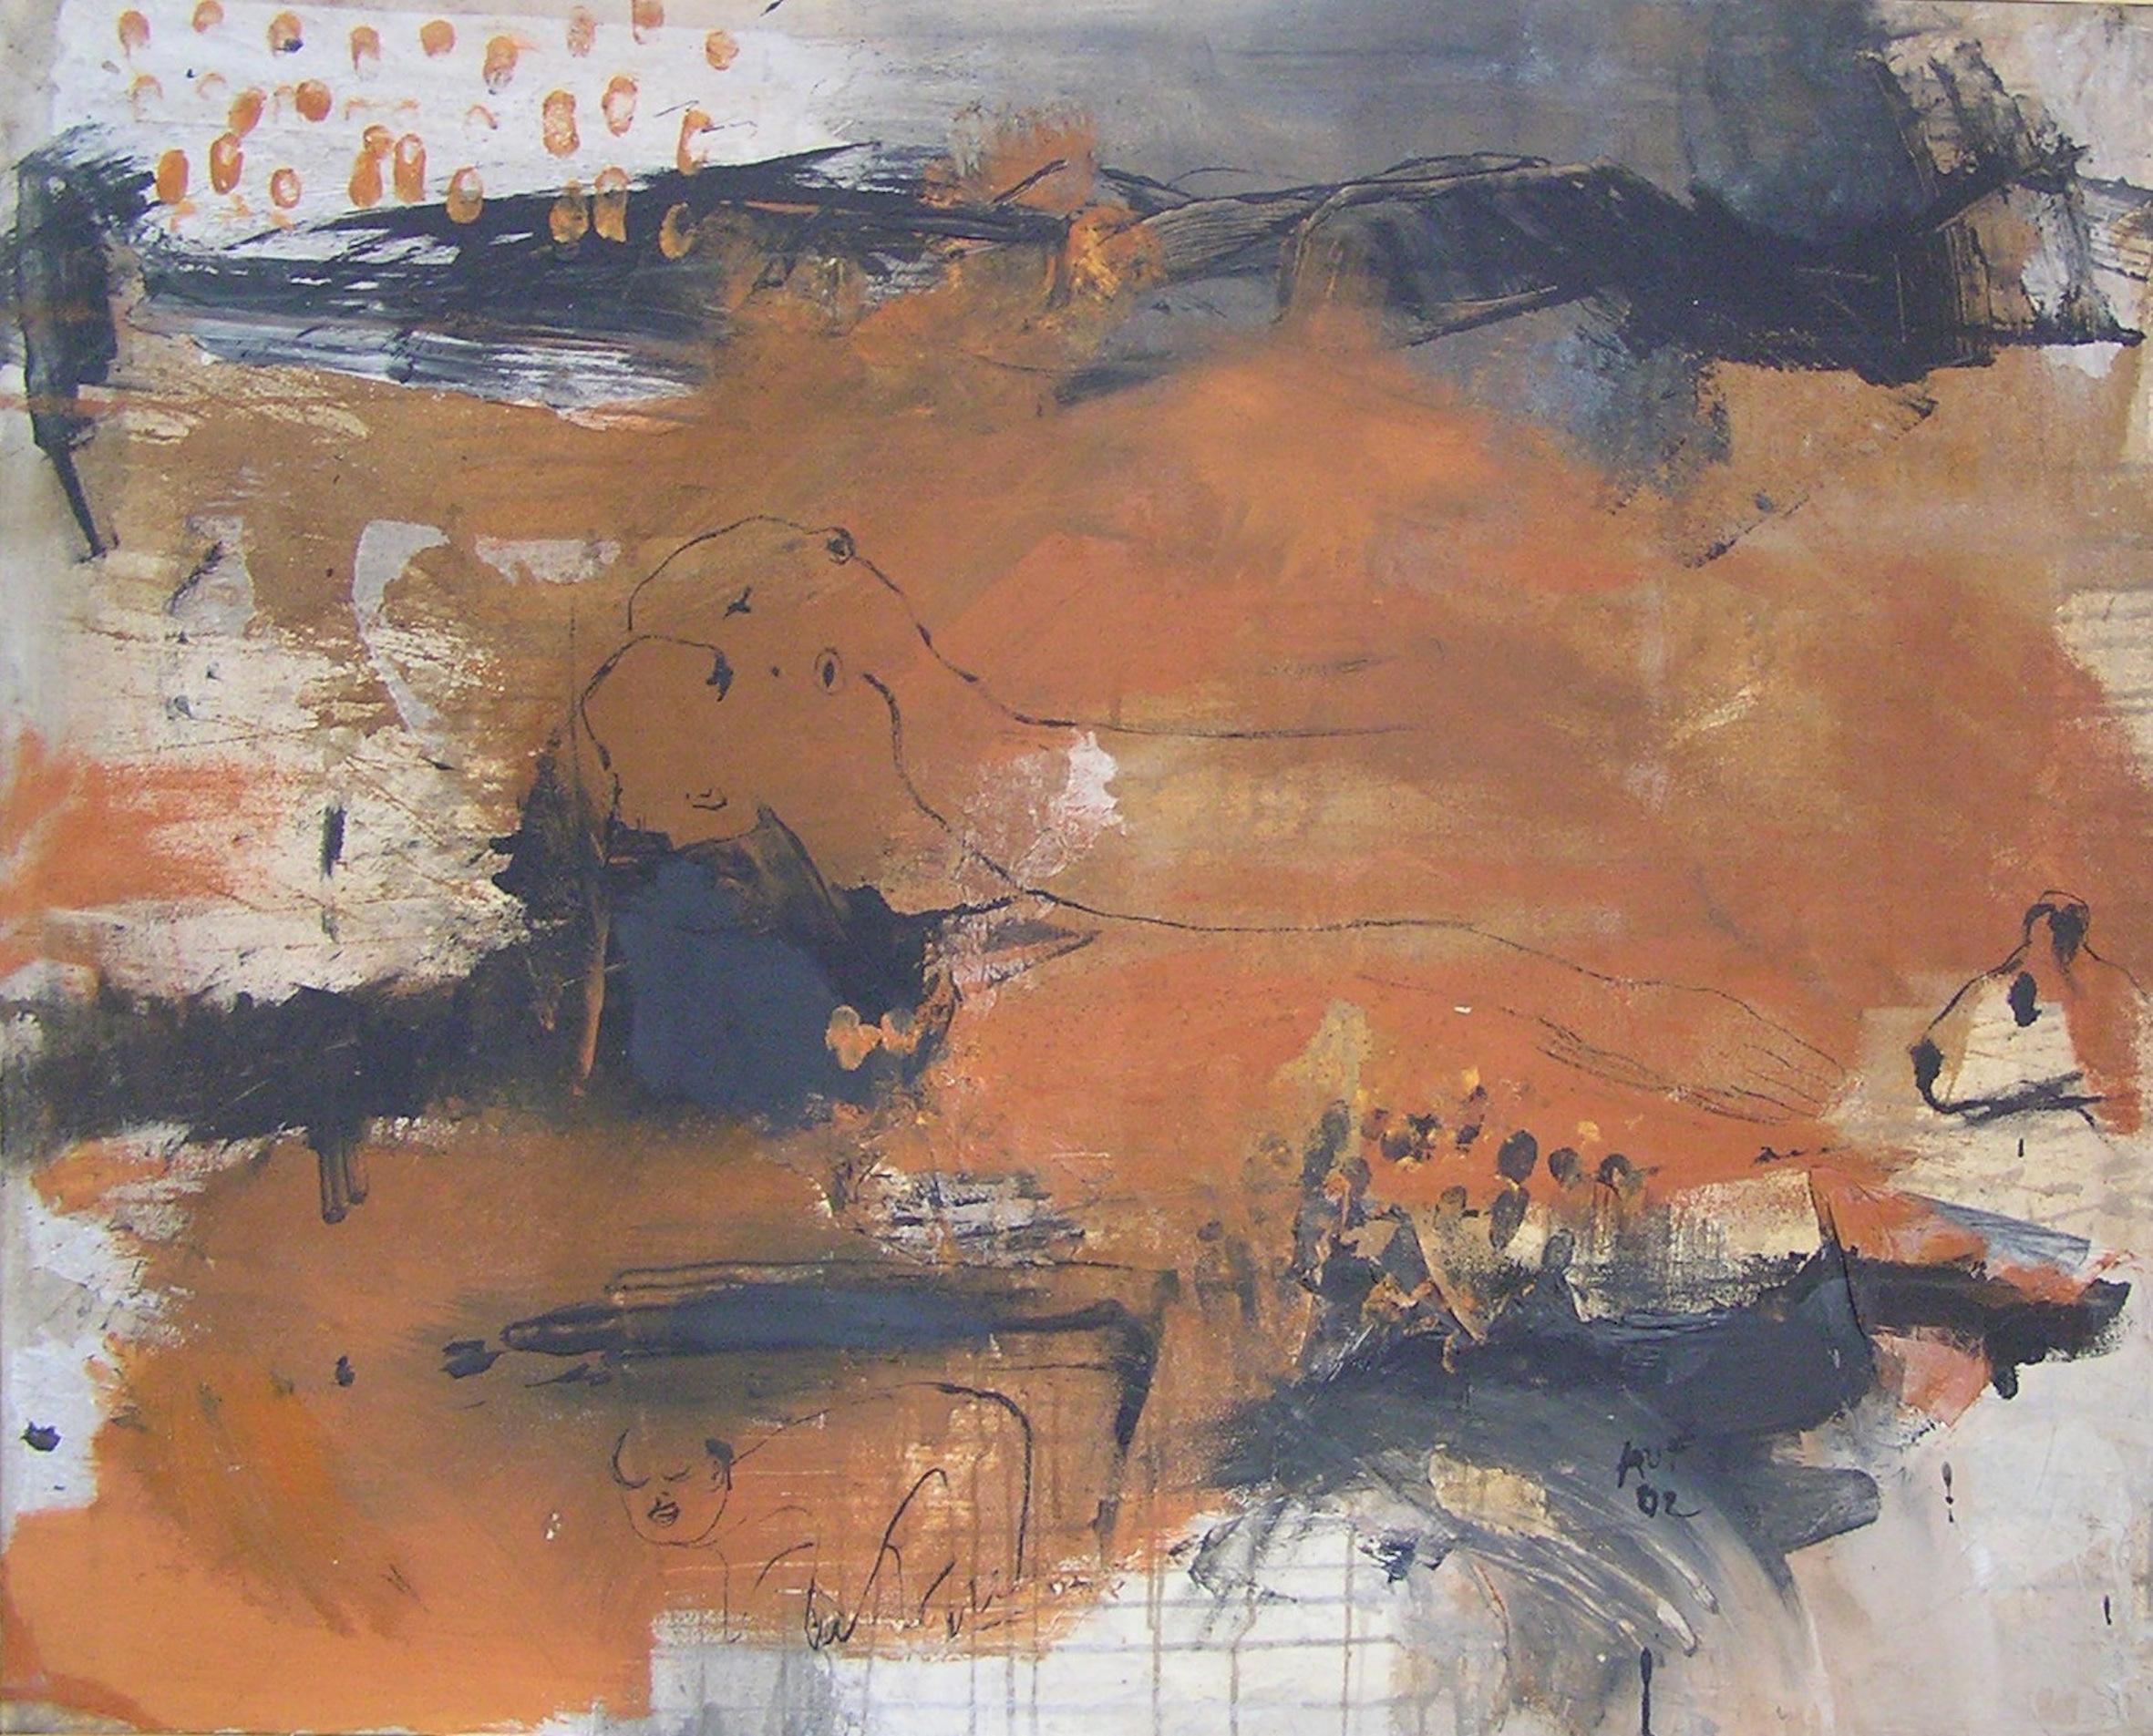 NATALIA AUFFRAY   Su pintura se desarrolla con 3 constantes: bodegones, abstrACCIONES y seres. Artista multidisciplinar, incluye herramientas diversas como agujas y telas, naturaleza intervenida y apuntes a través de una cámara para traducir el mundo y convertirlo en un lugar habitable.     view more...